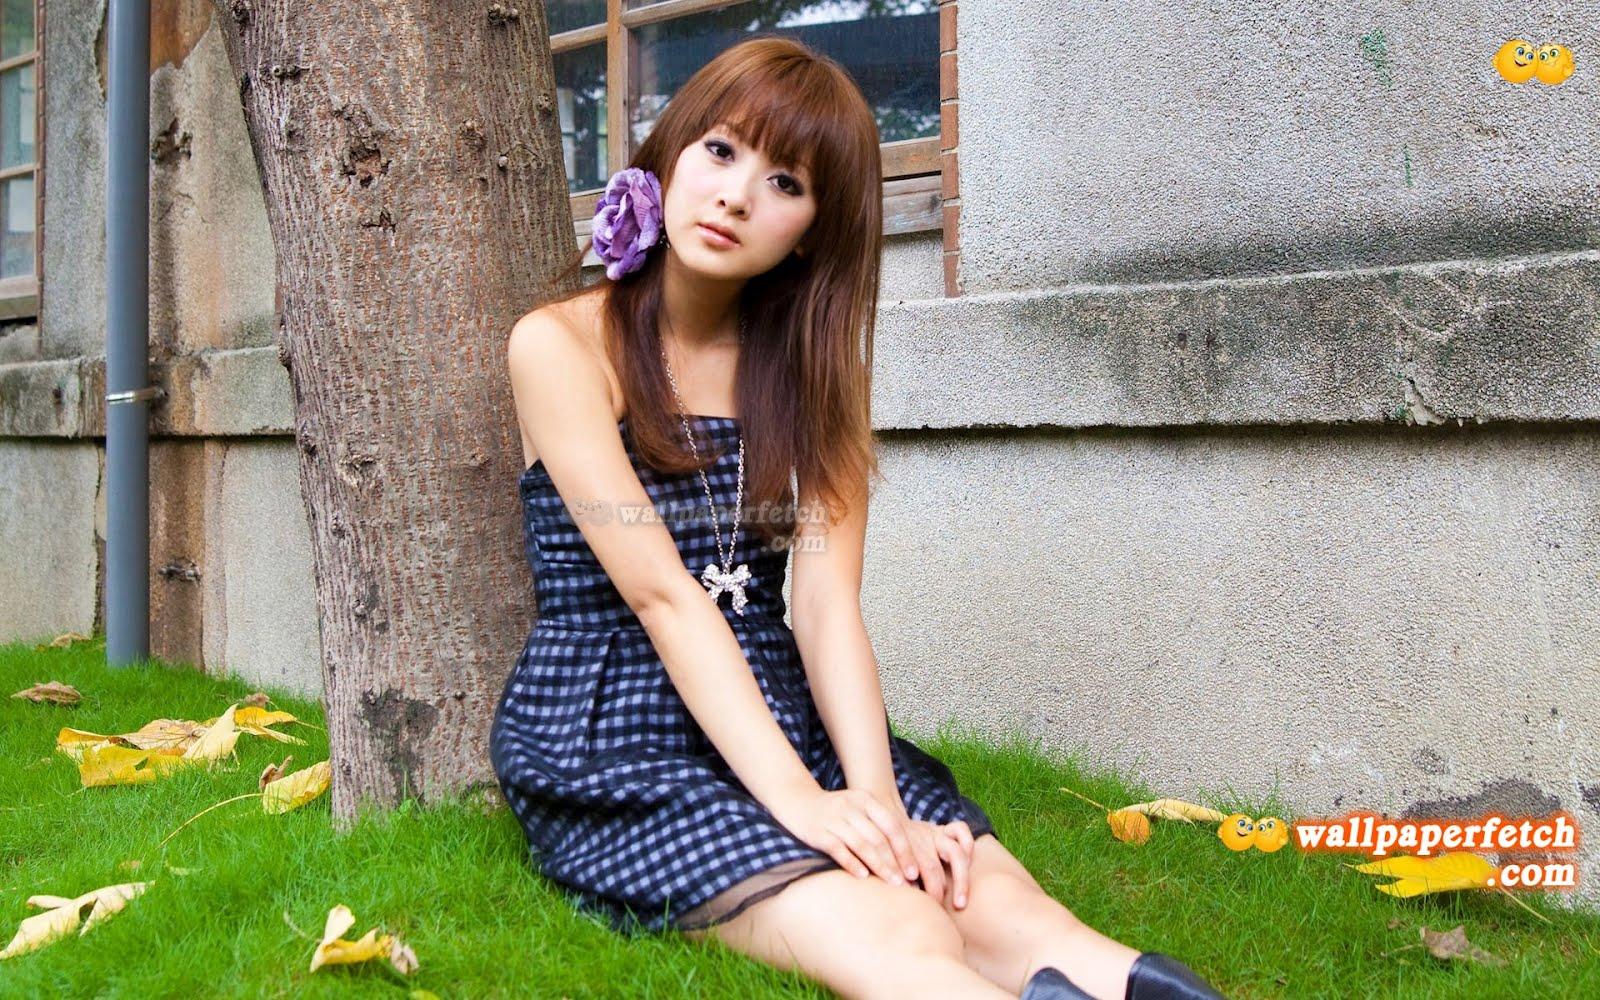 http://4.bp.blogspot.com/-kiIH5QdbAu4/T5GJLUFXlaI/AAAAAAAAI6E/8g4L4rk9vD4/s1600/Mikako_Wallpaper_1920x1200_wallpaperheress.jpg